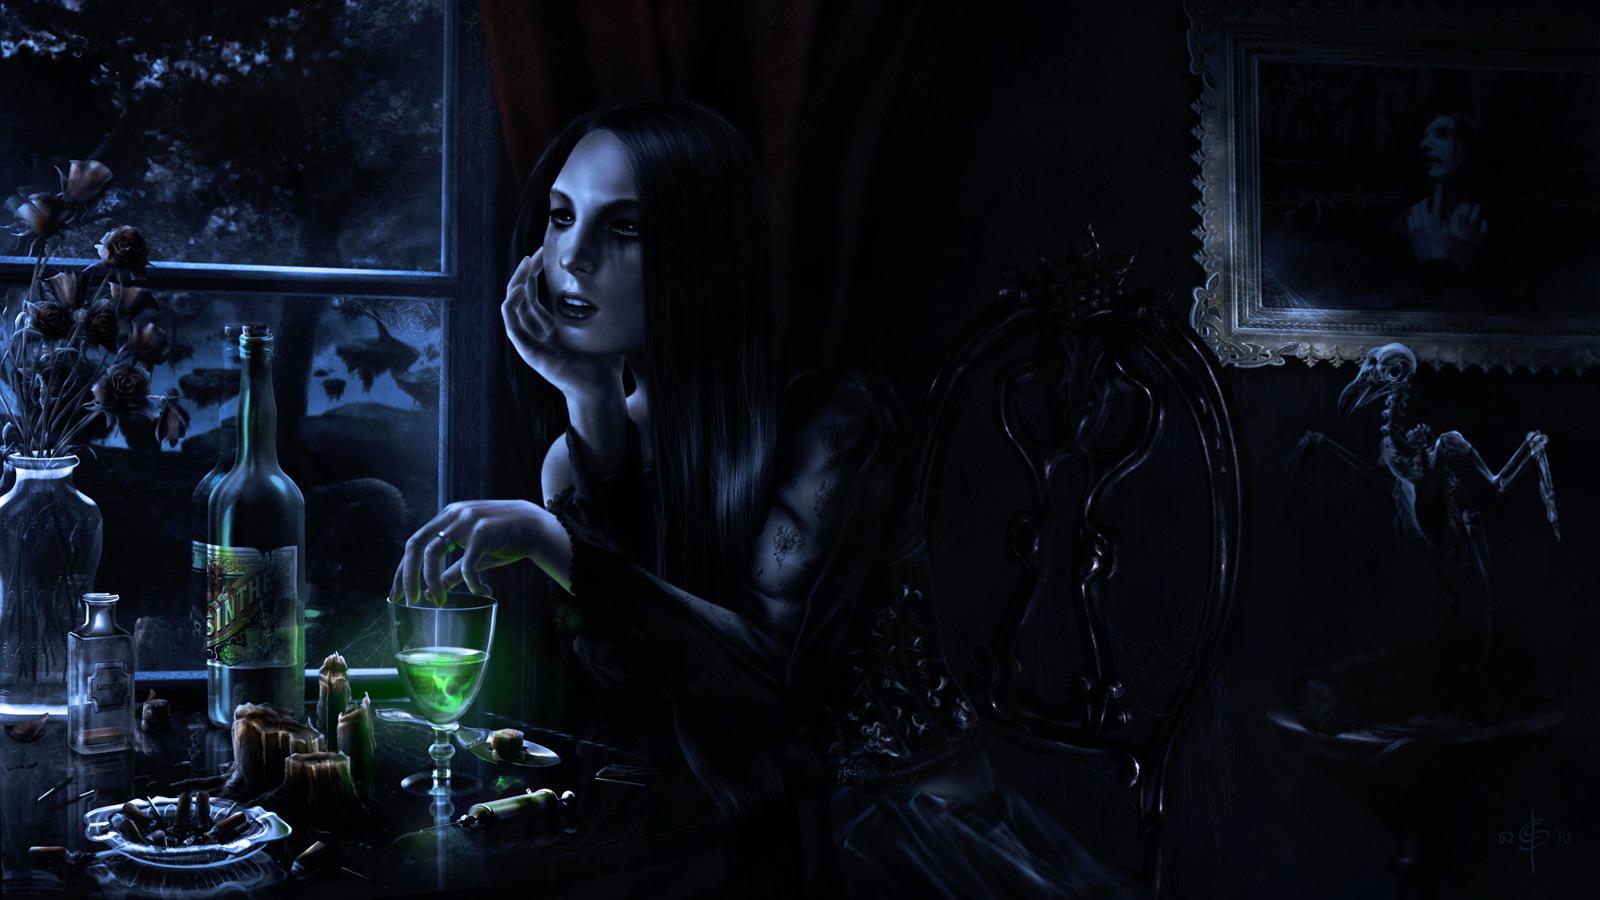 Gothic Vampire Wallpaper - WallpaperSafari